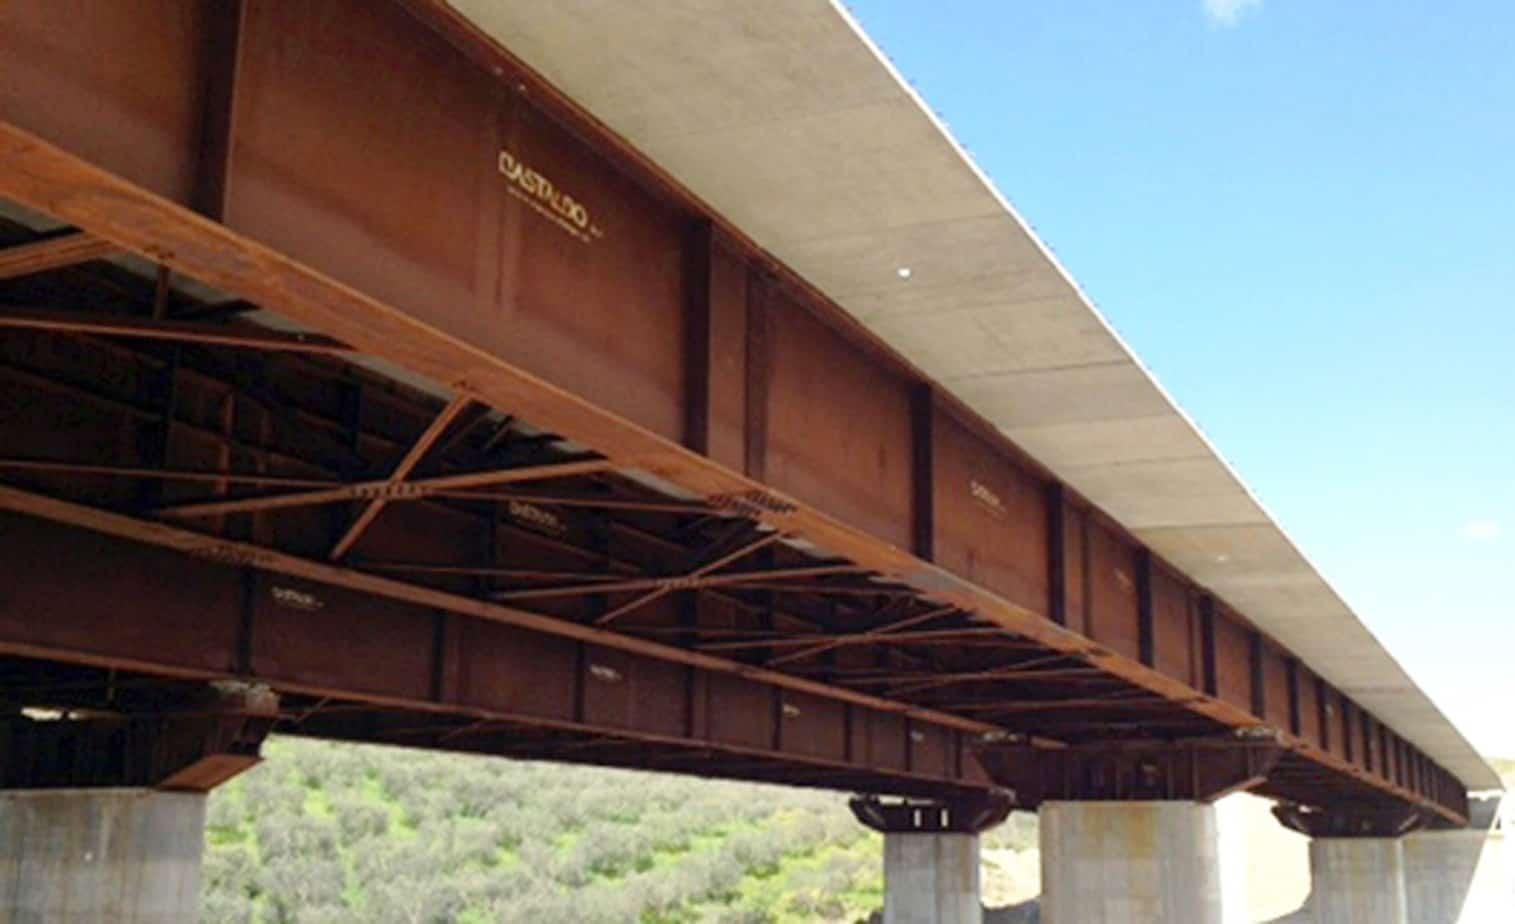 Il viadotto Guarino varato in opera comprensivo di predalles